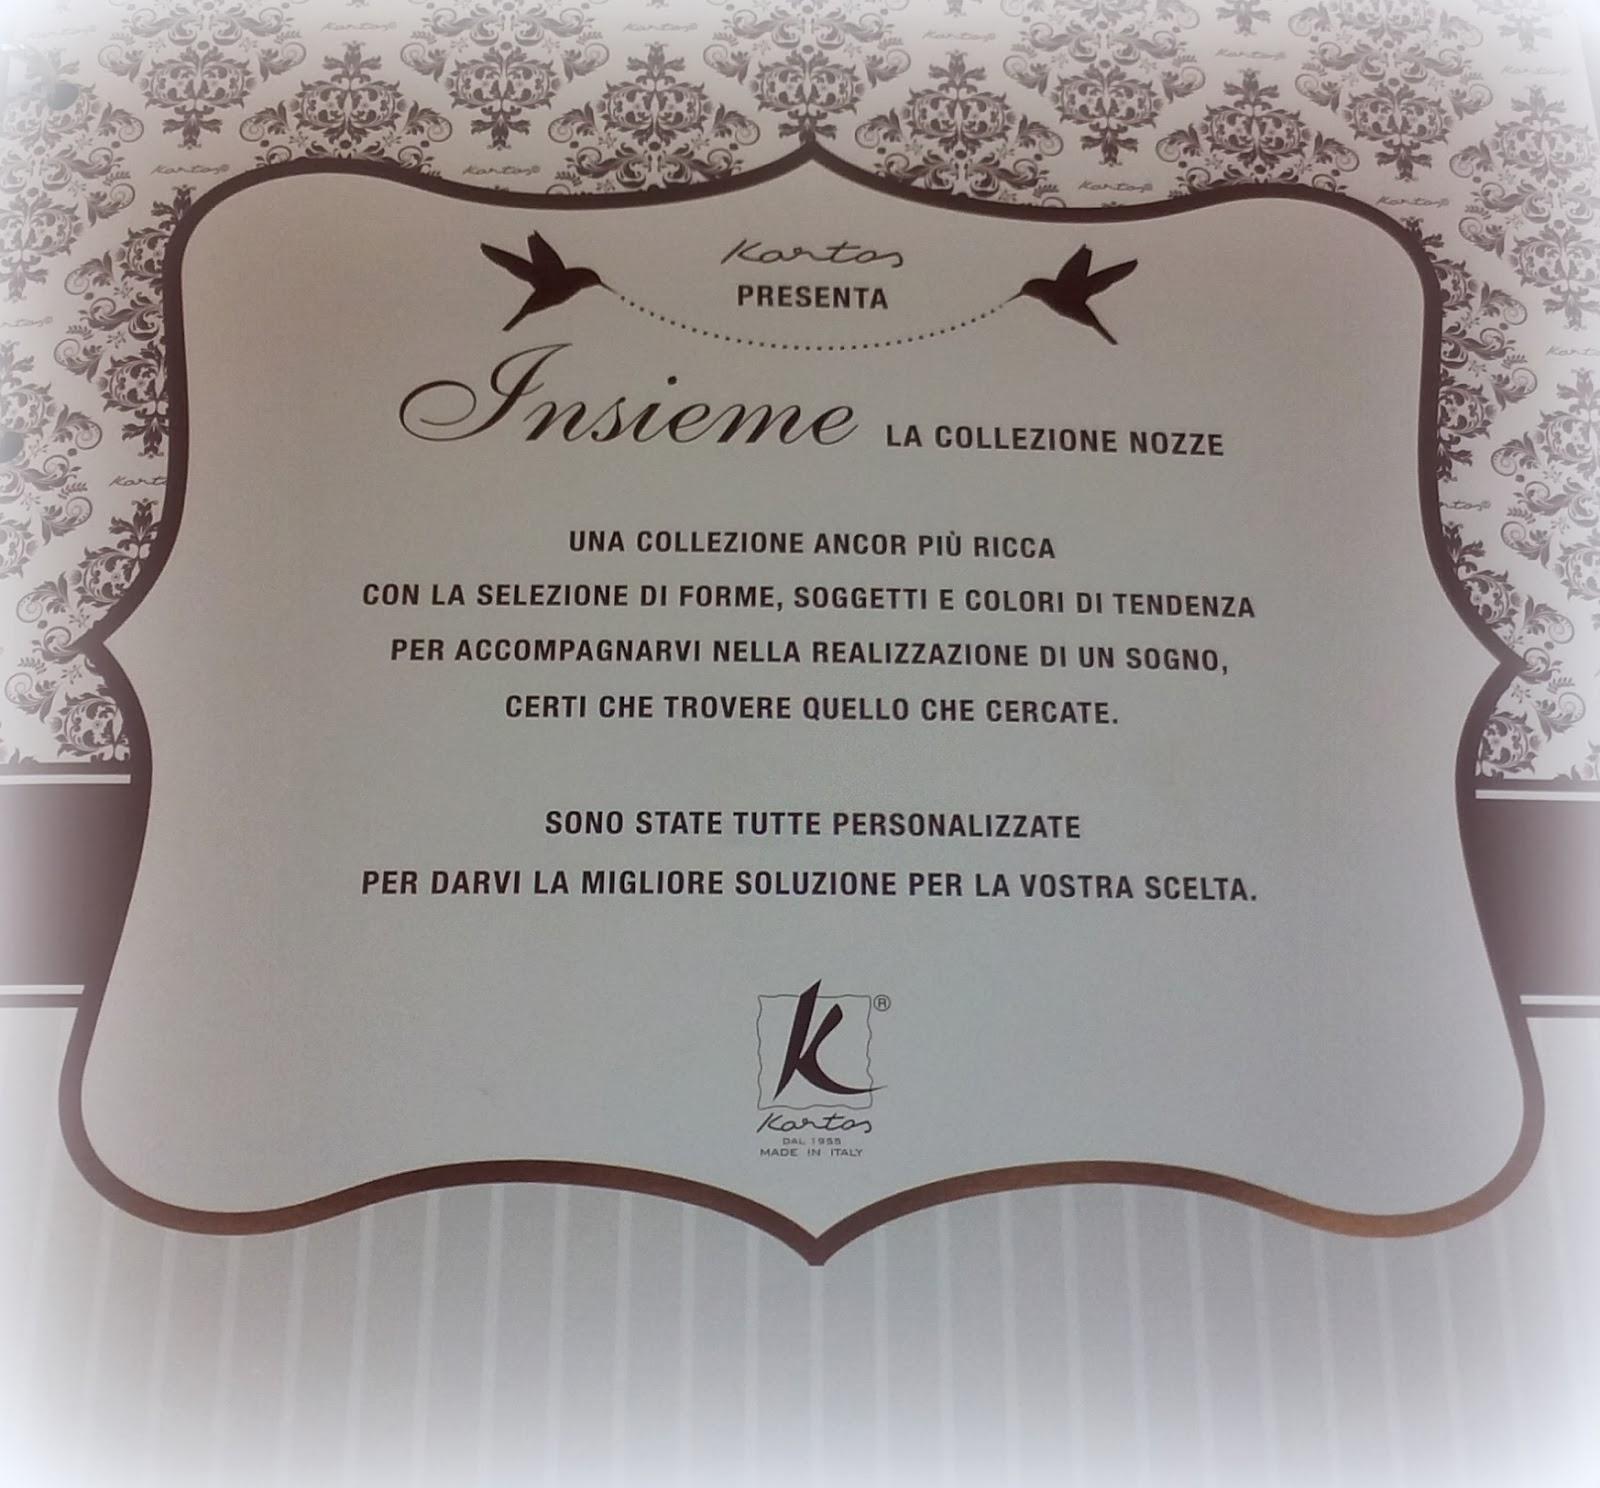 Frasi Auguri Matrimonio E Battesimo : Frasi d auguri per matrimonio e battesimo mediamarktclubgrandprix